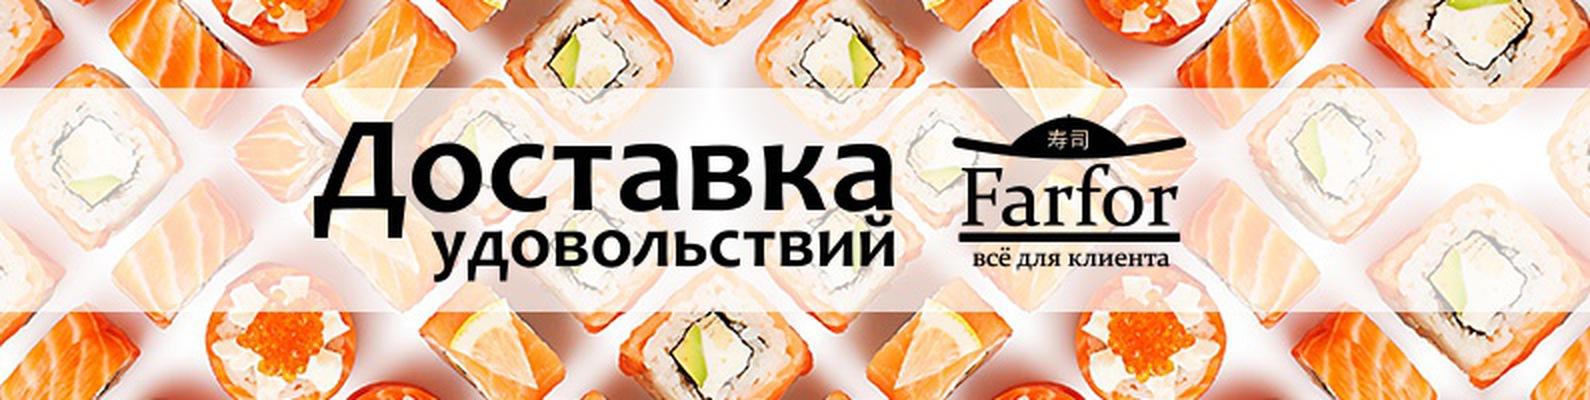 9f2662a782bf2 Доставка в Кинешме от ресторана Фарфор - это вкуснейшие роллы, изумительные  суши, выгодные ассорти сеты, настоящие японские супы, изысканные салаты, ...